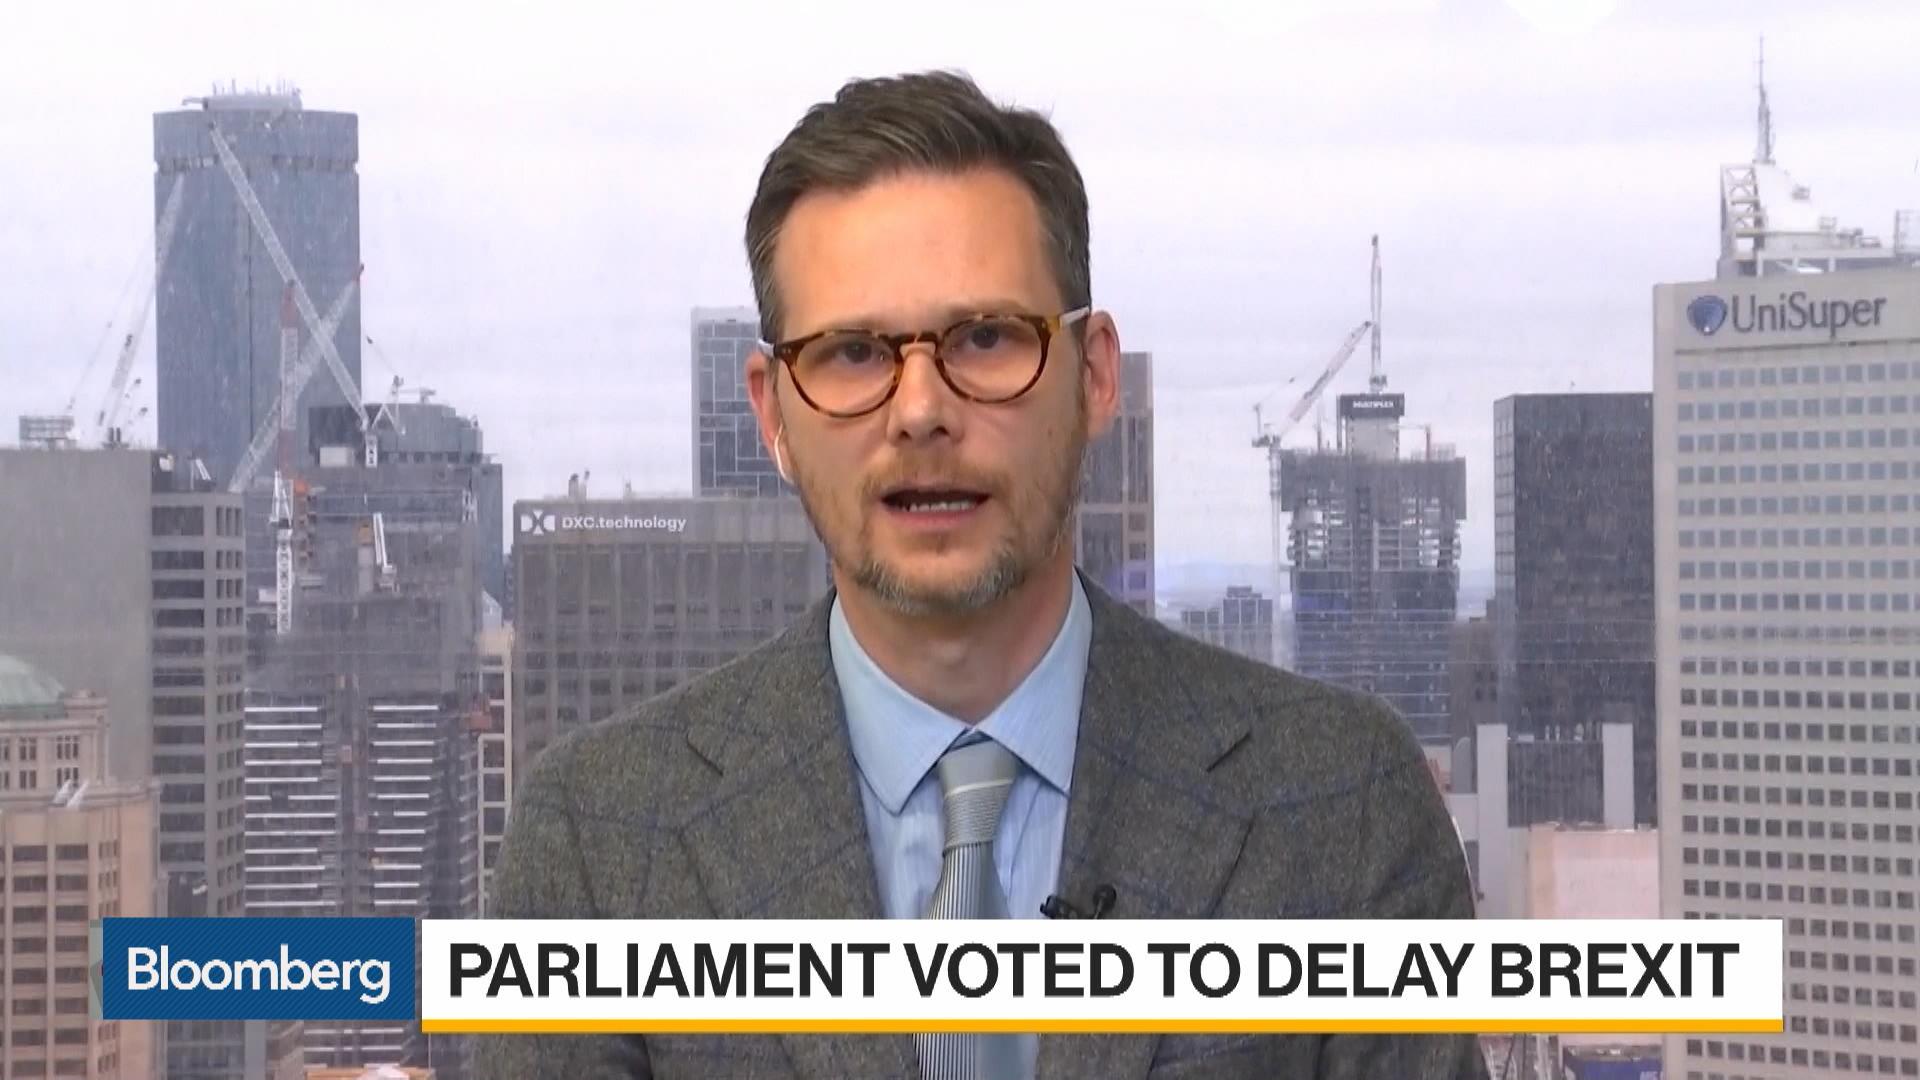 Monash Univeristy Senior Lecturer Ben Wellings on Brexit, DUP, Outlook